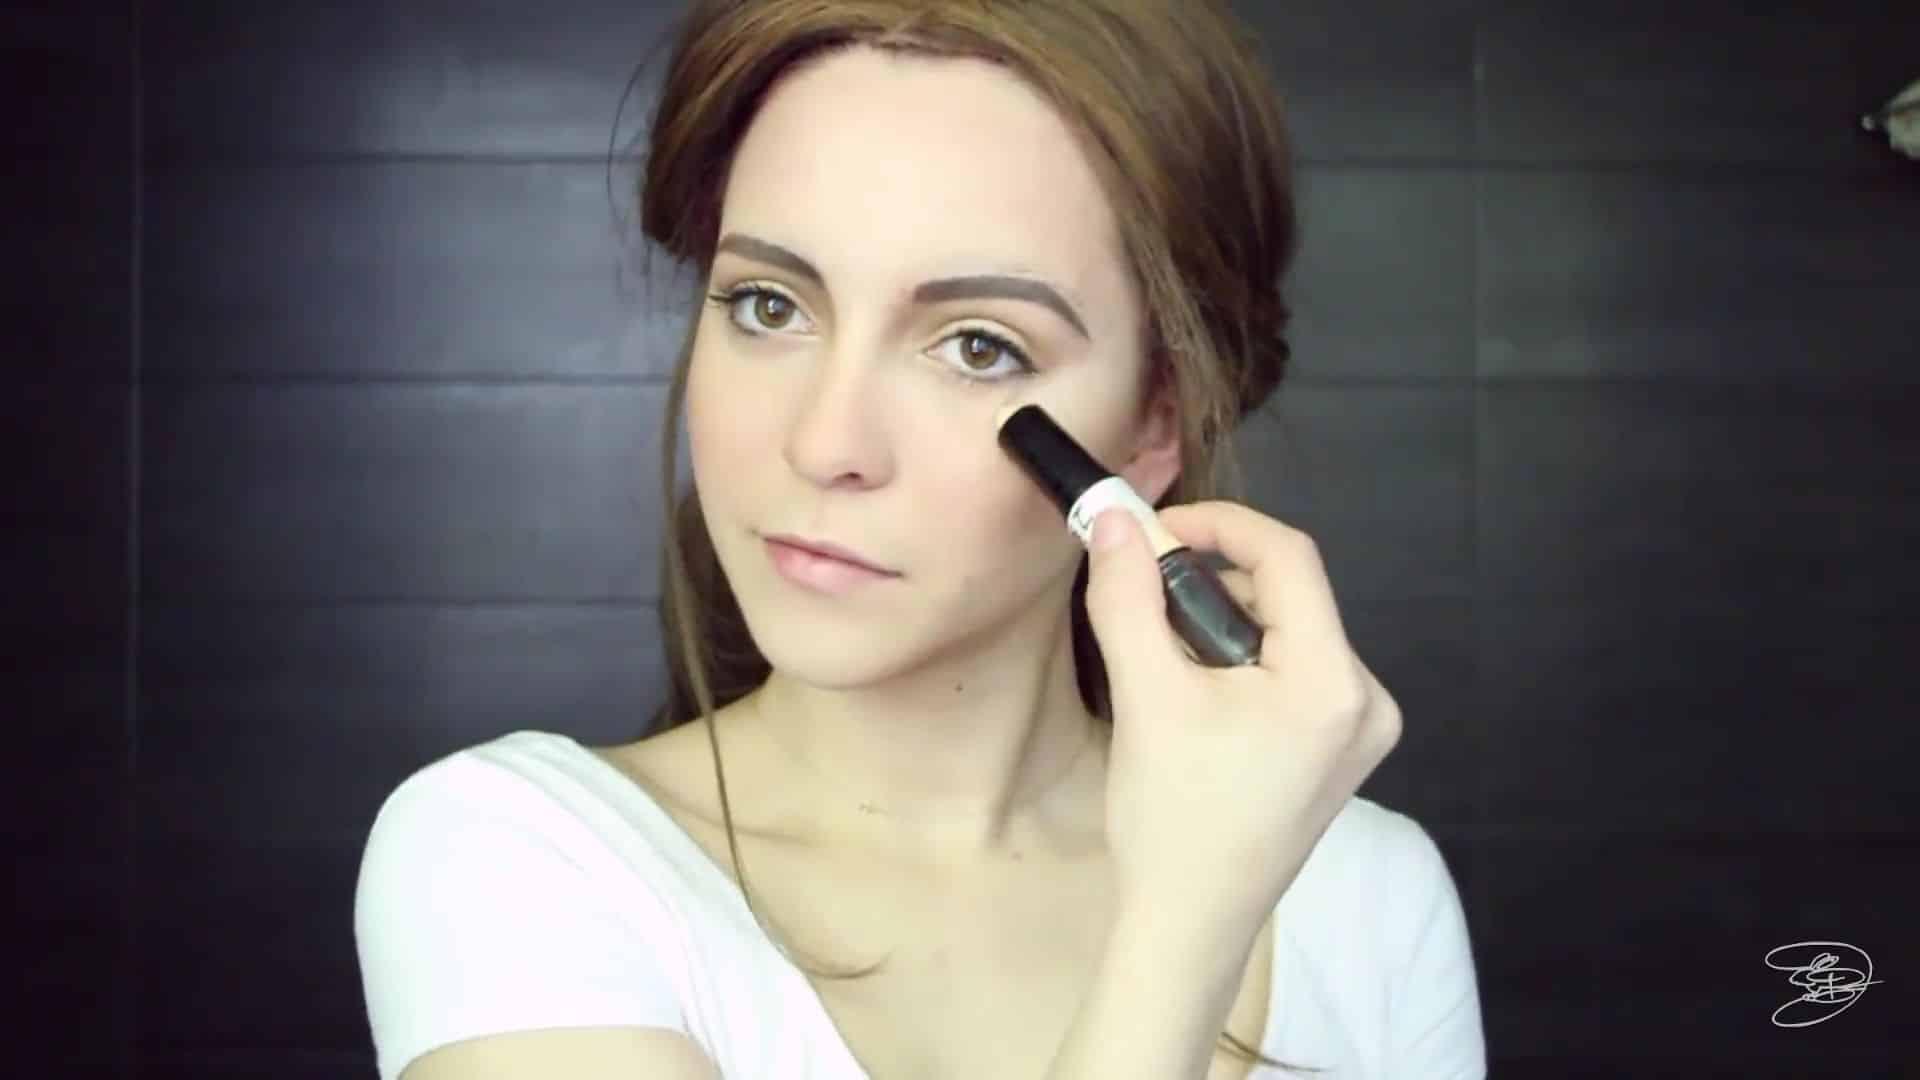 Maquíllate como la princesa la Bella de Emma Watson Jbunzie 2020, iluminador.